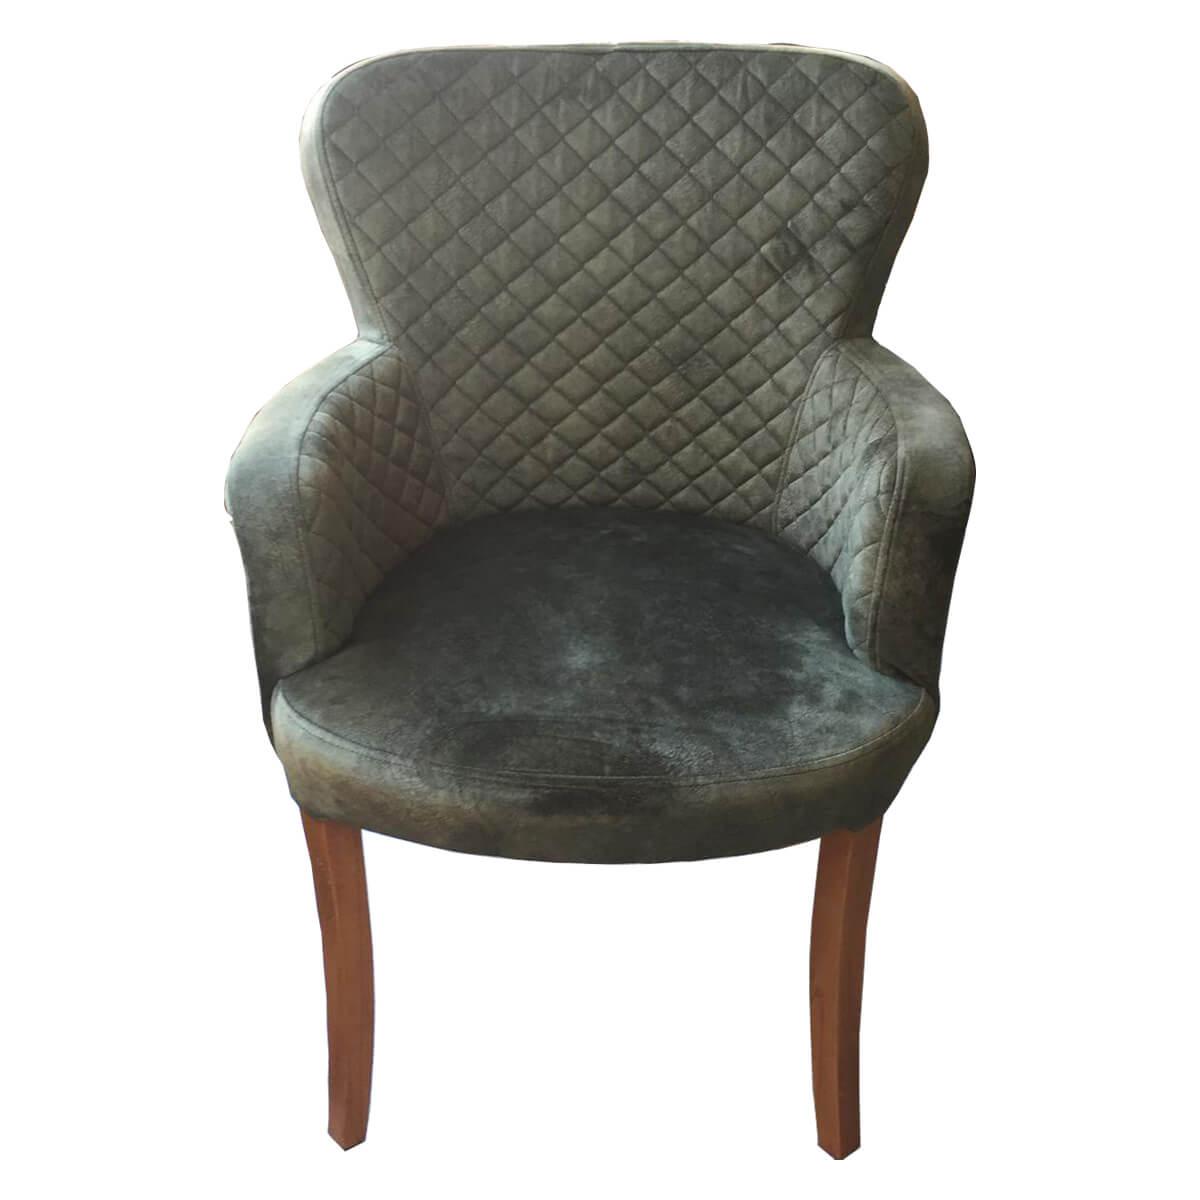 Bella Berjer Sandalye Modeli ön Görünüm